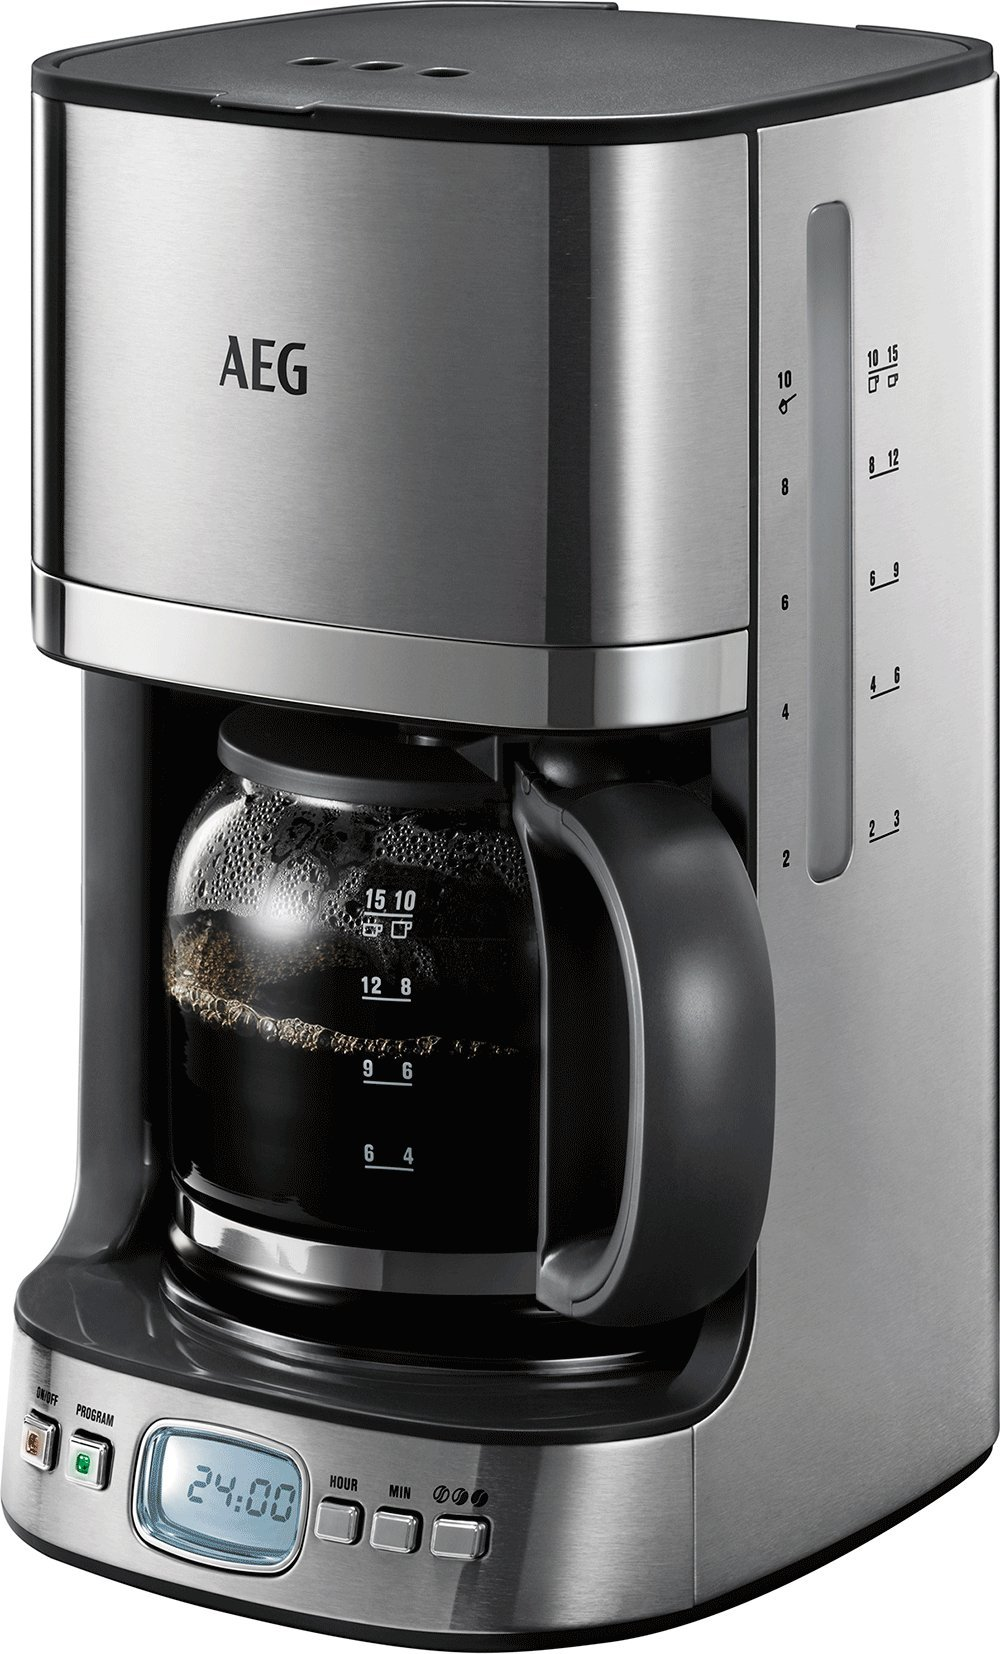 AEG-KF-7600-Kaffeemaschine-Programmierbarer-Timer-Aroma-Funktion-Permanentfilter-LCD-Display-Wasserstands-und-Kaffedosierungs-Anzeige-125-l-Sicherheitsabschaltung-gebrstetes-Edelstahl